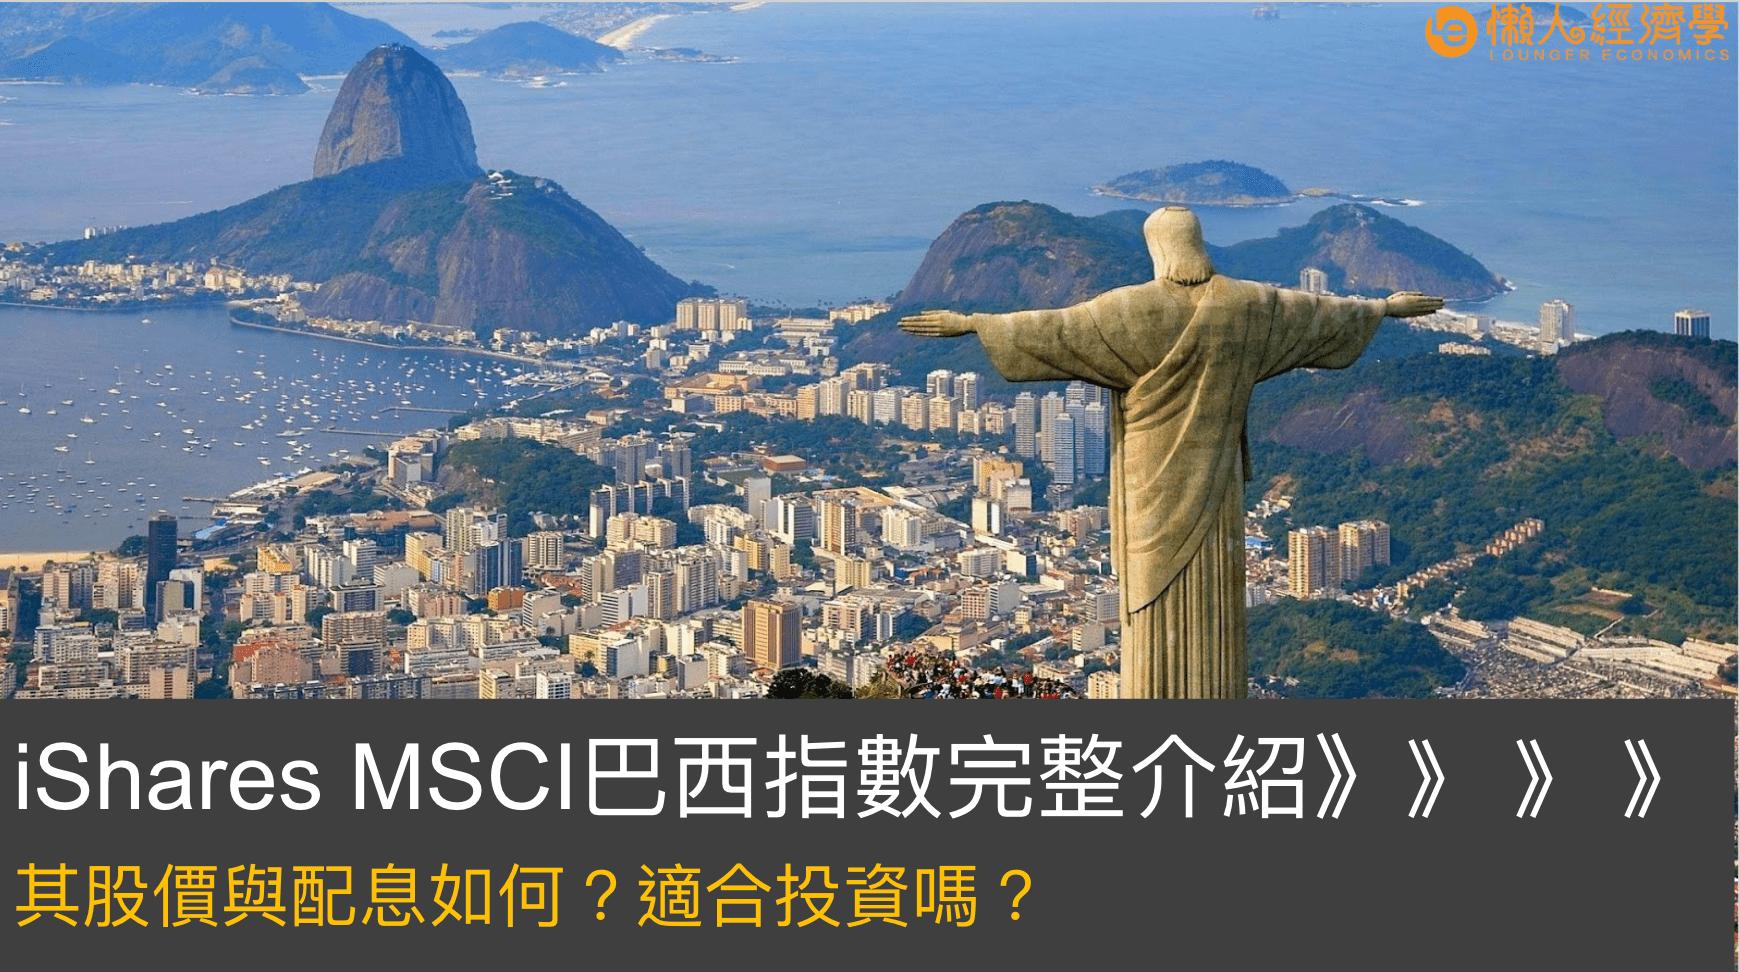 iShares MSCI巴西指數ETF完整介紹!其股價與配息如何?適合投資嗎?